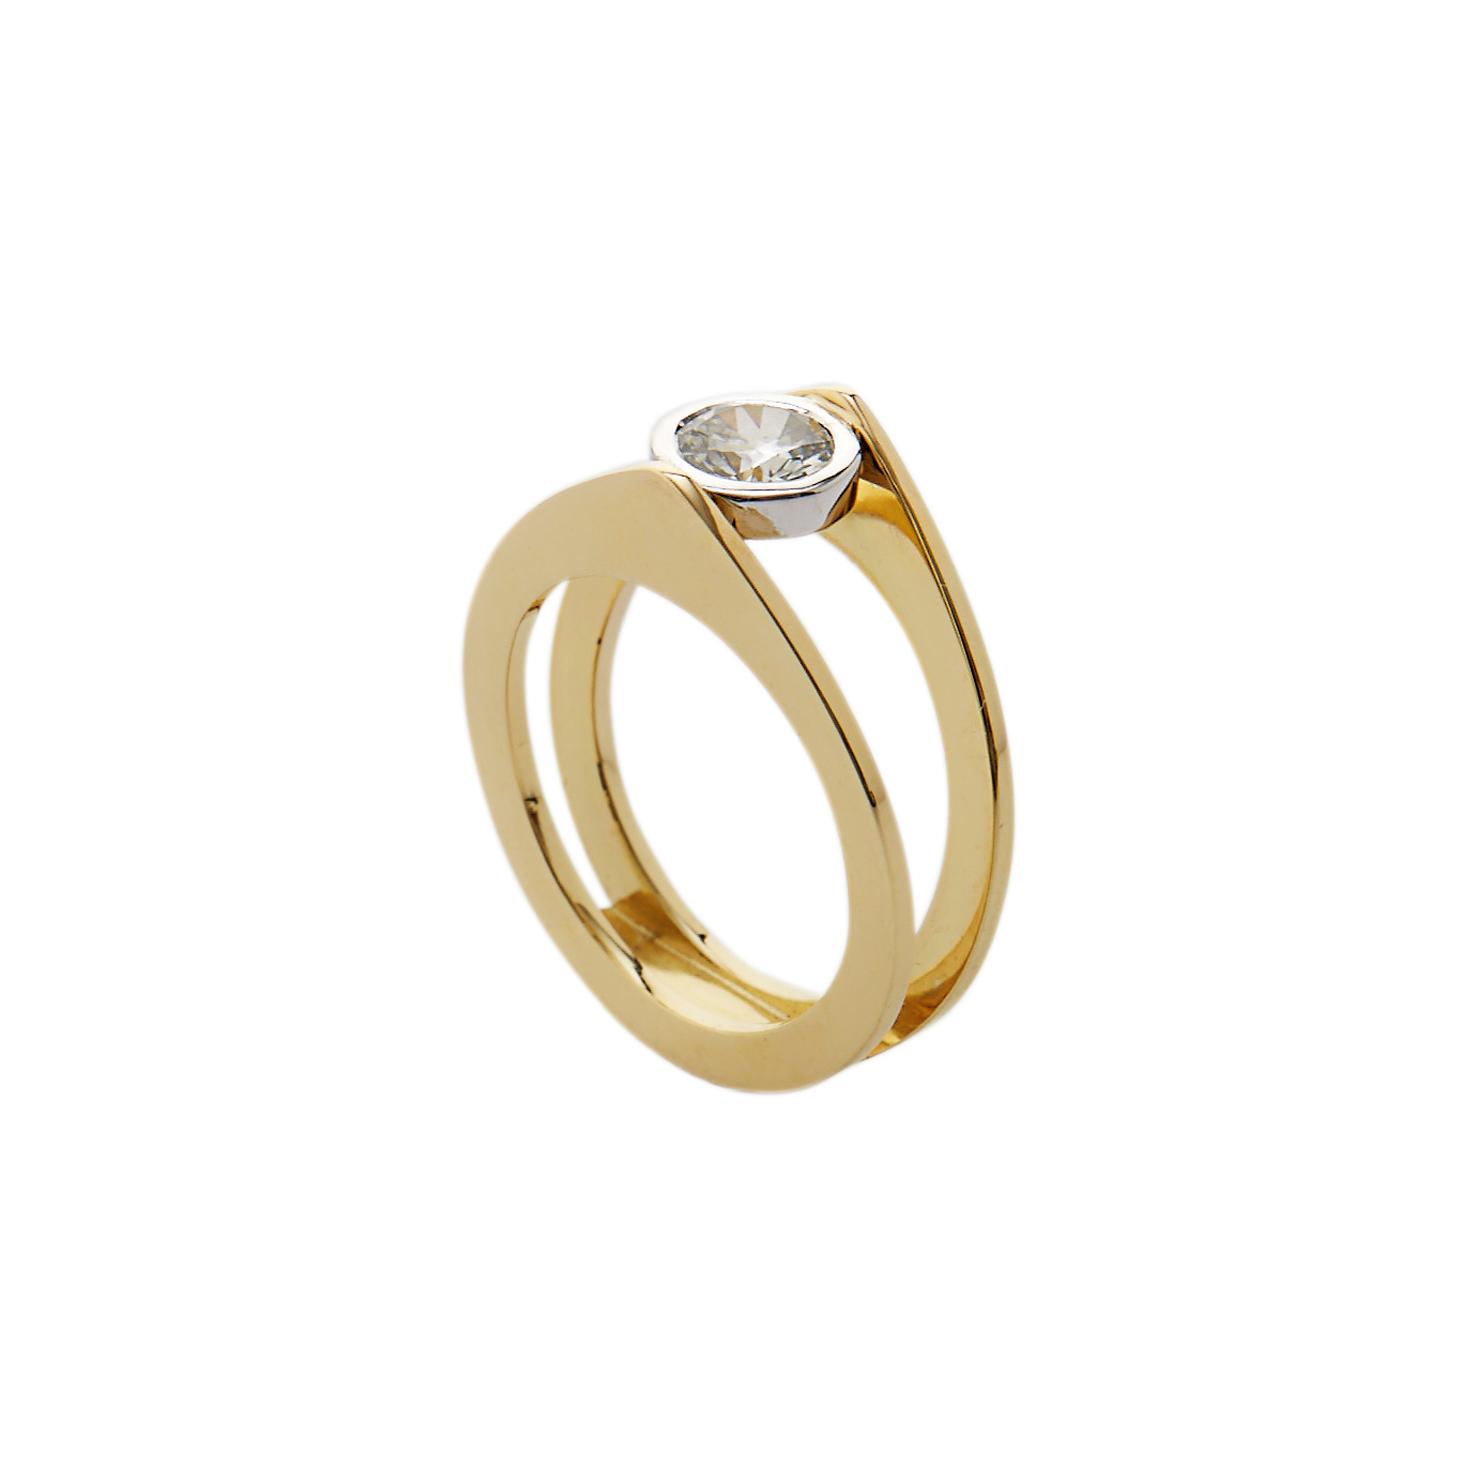 Geel & Wit Goud 18 Karaat met Diamant